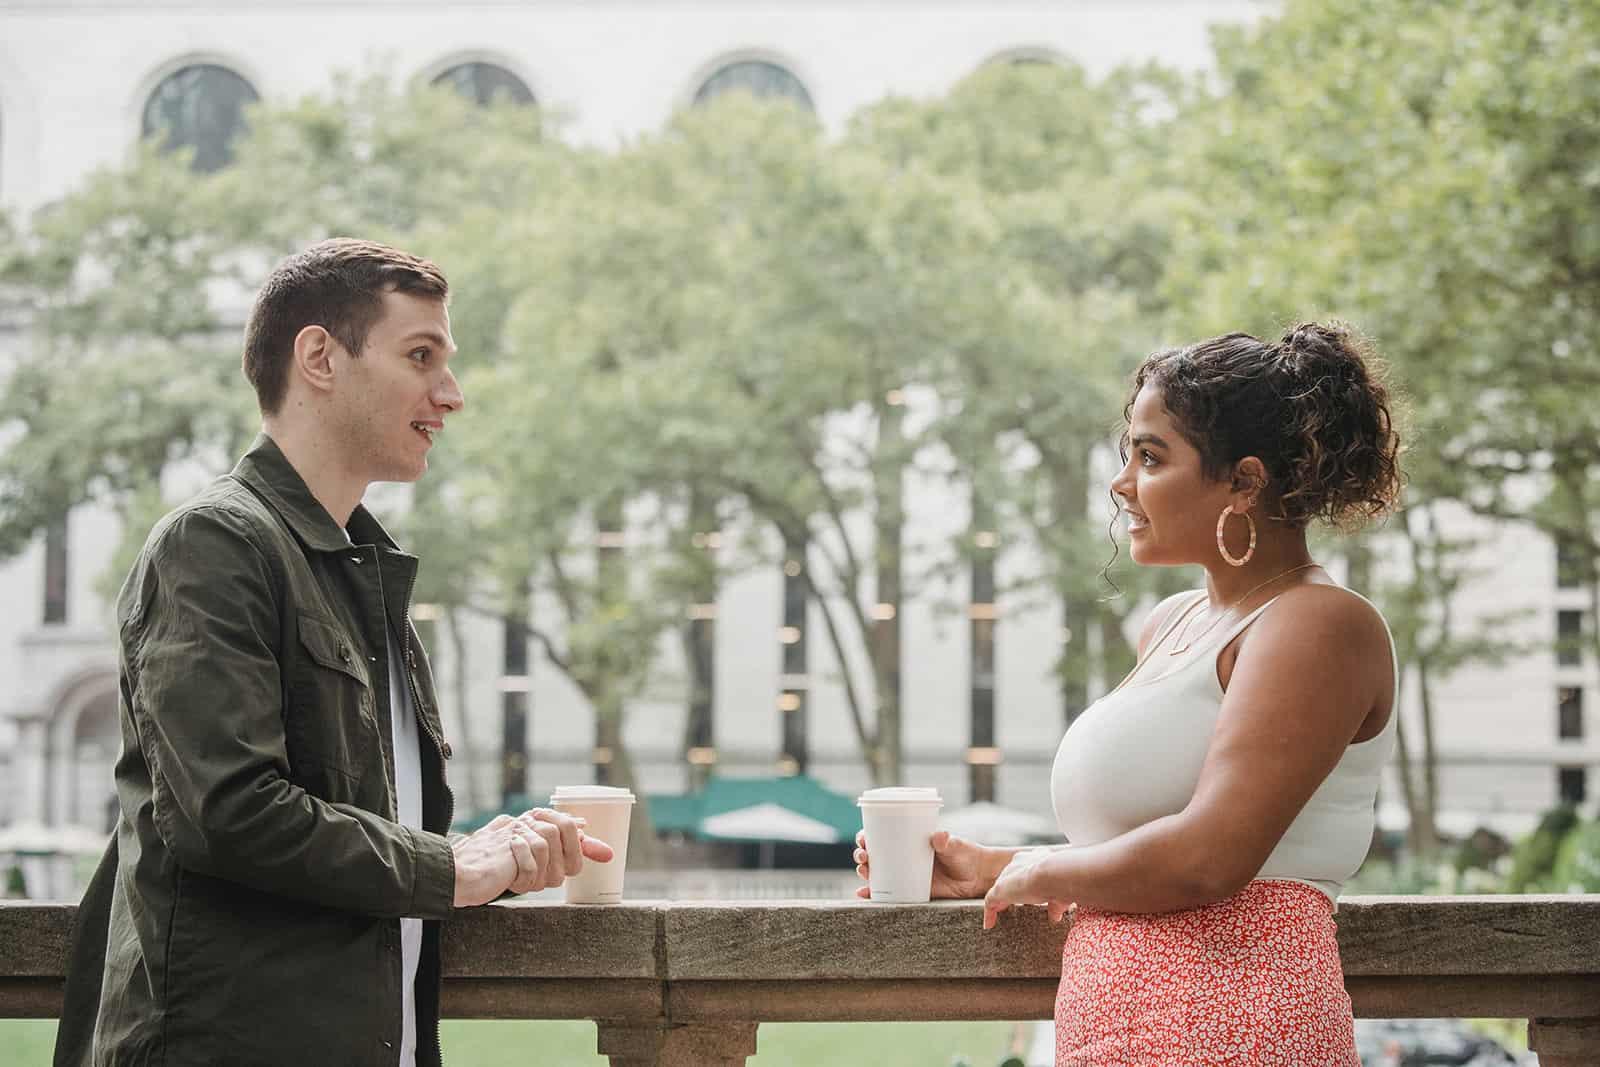 Ein Mann und eine Frau reden und trinken Kaffee